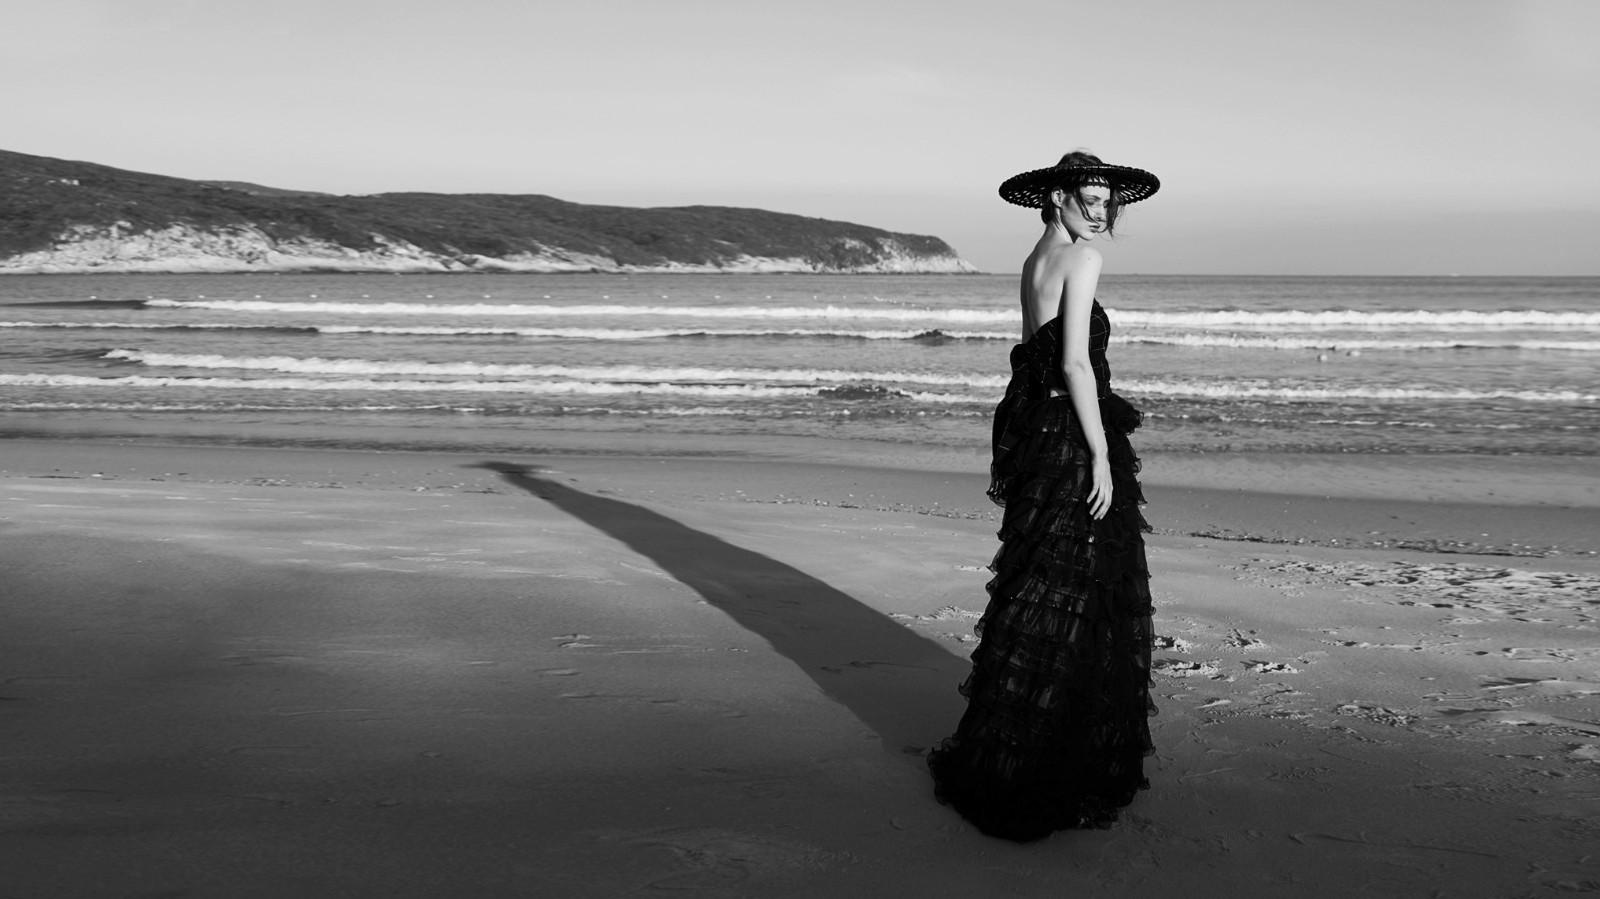 图灵女装摄影案例时尚摄影作品欣赏摄影师吉尚吉作品